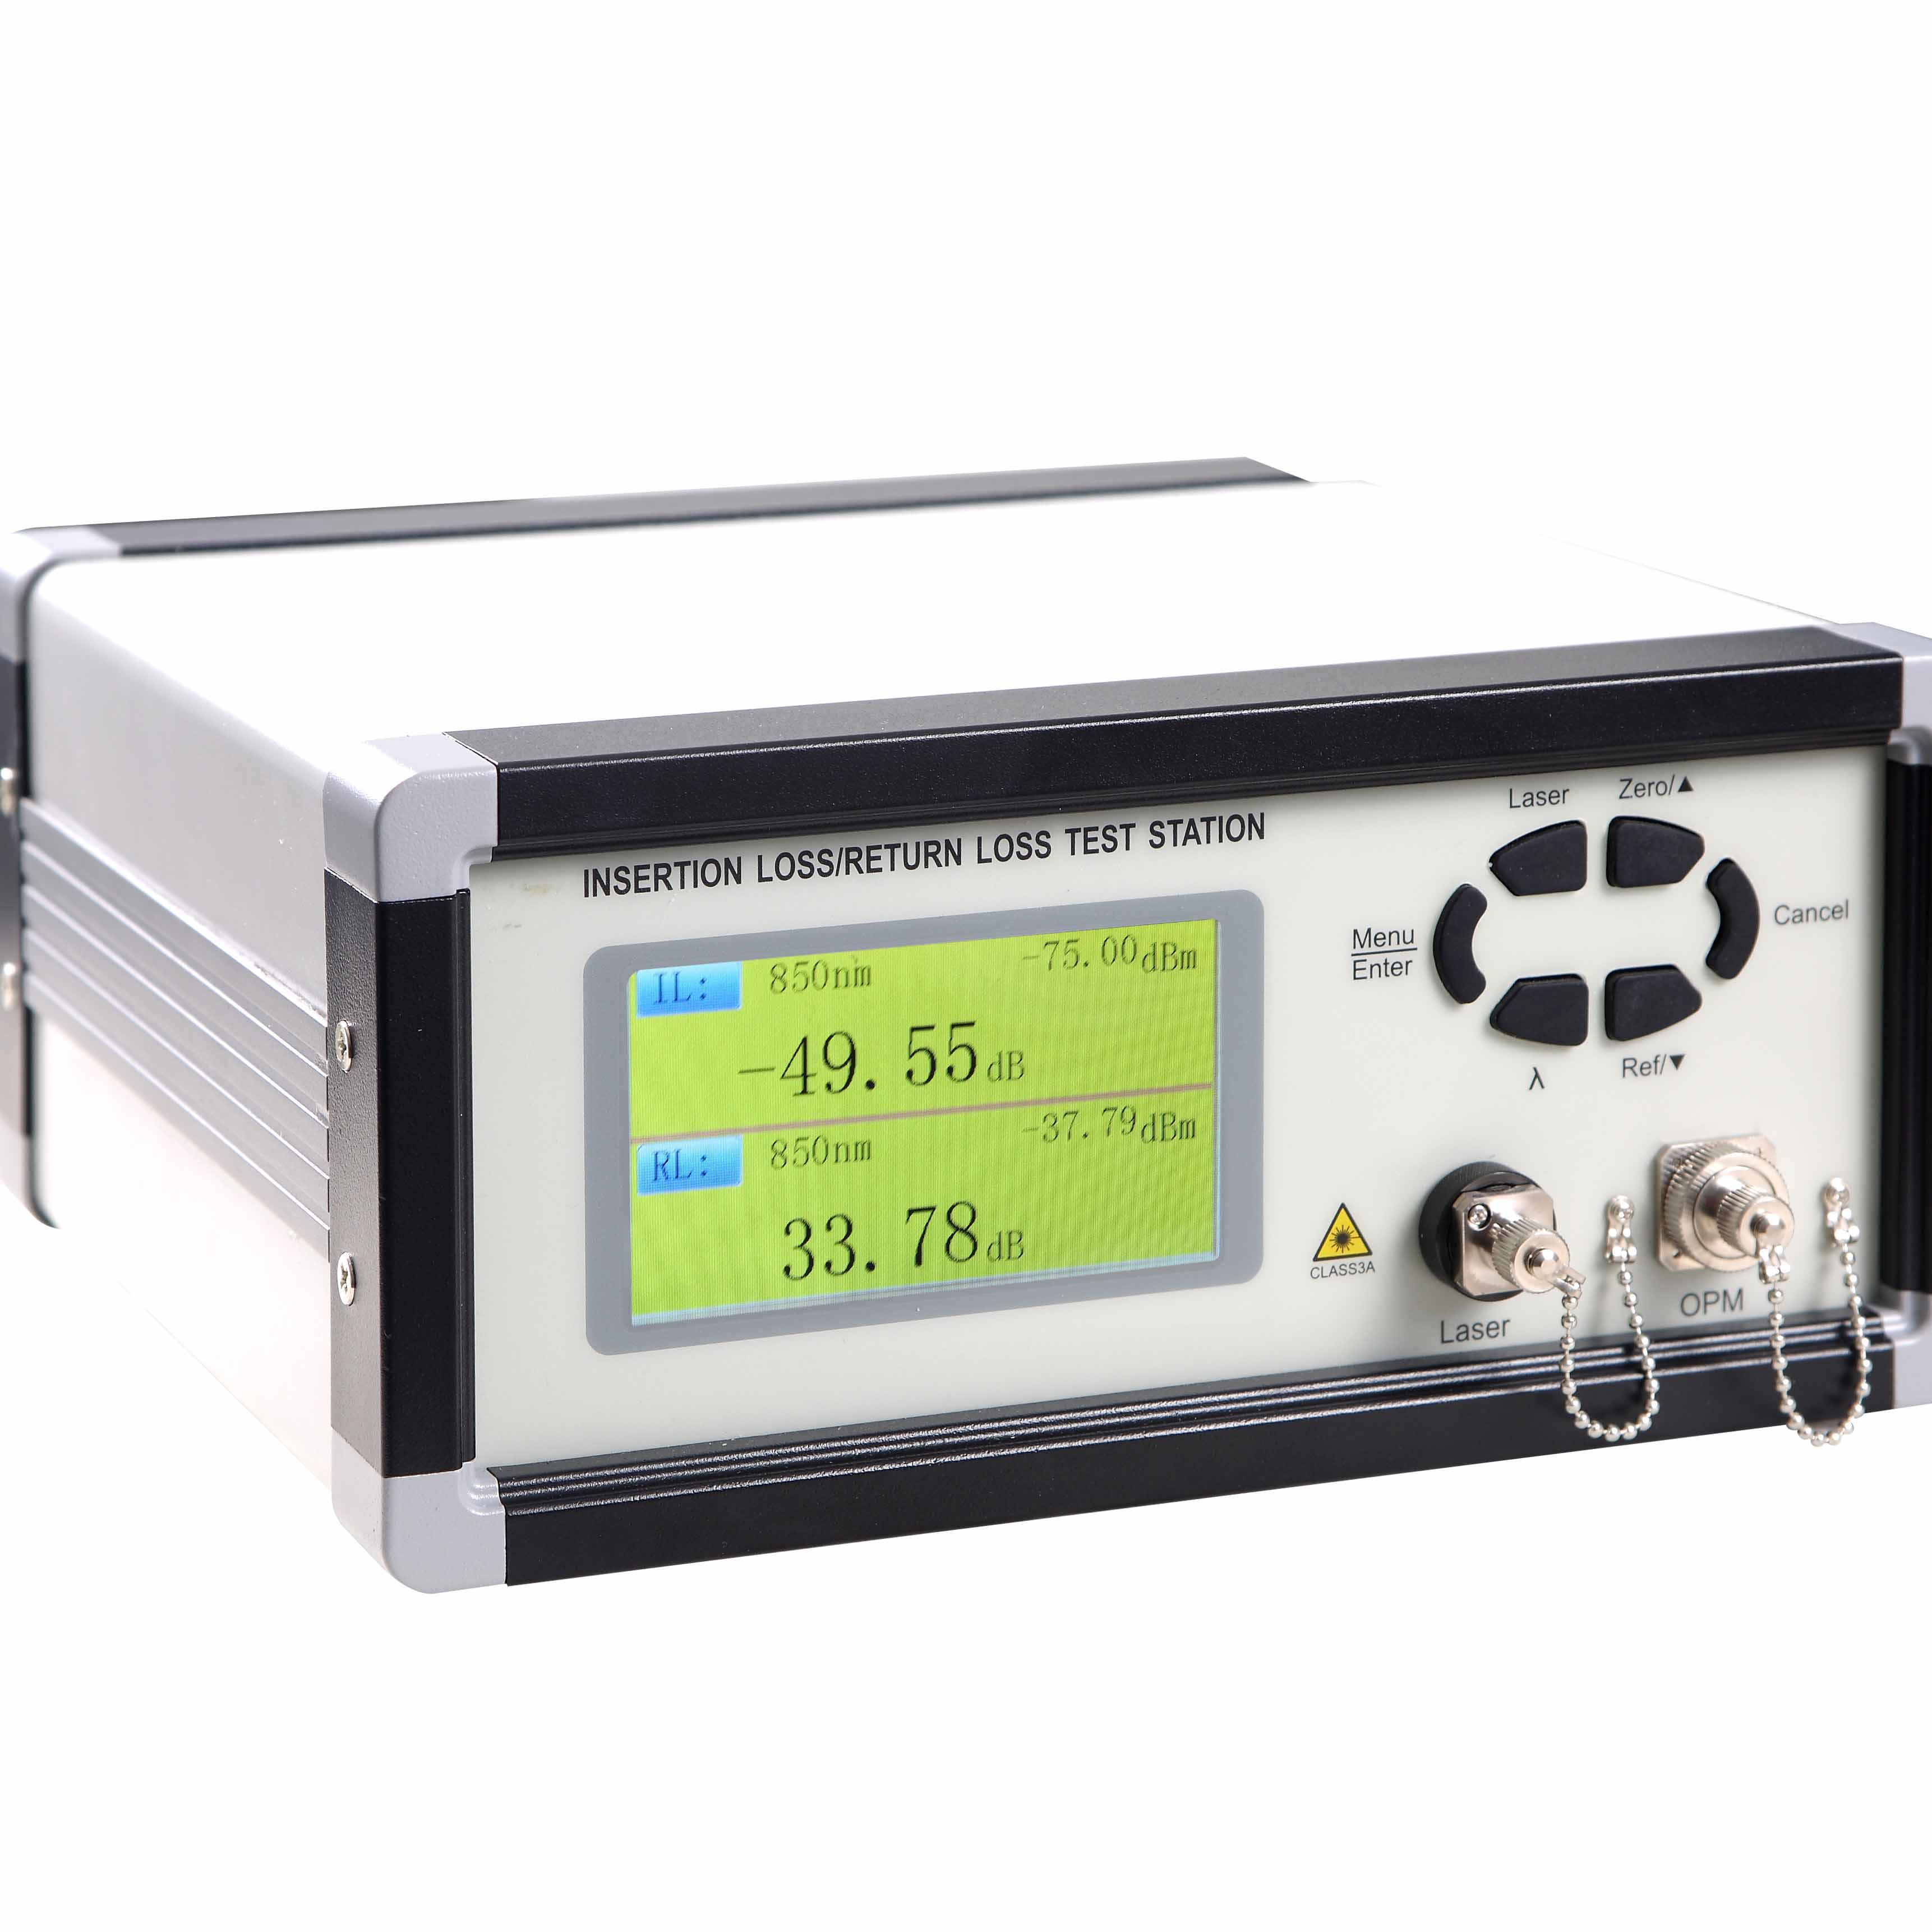 多模插回损测试仪 STC-IRL3201(MM)